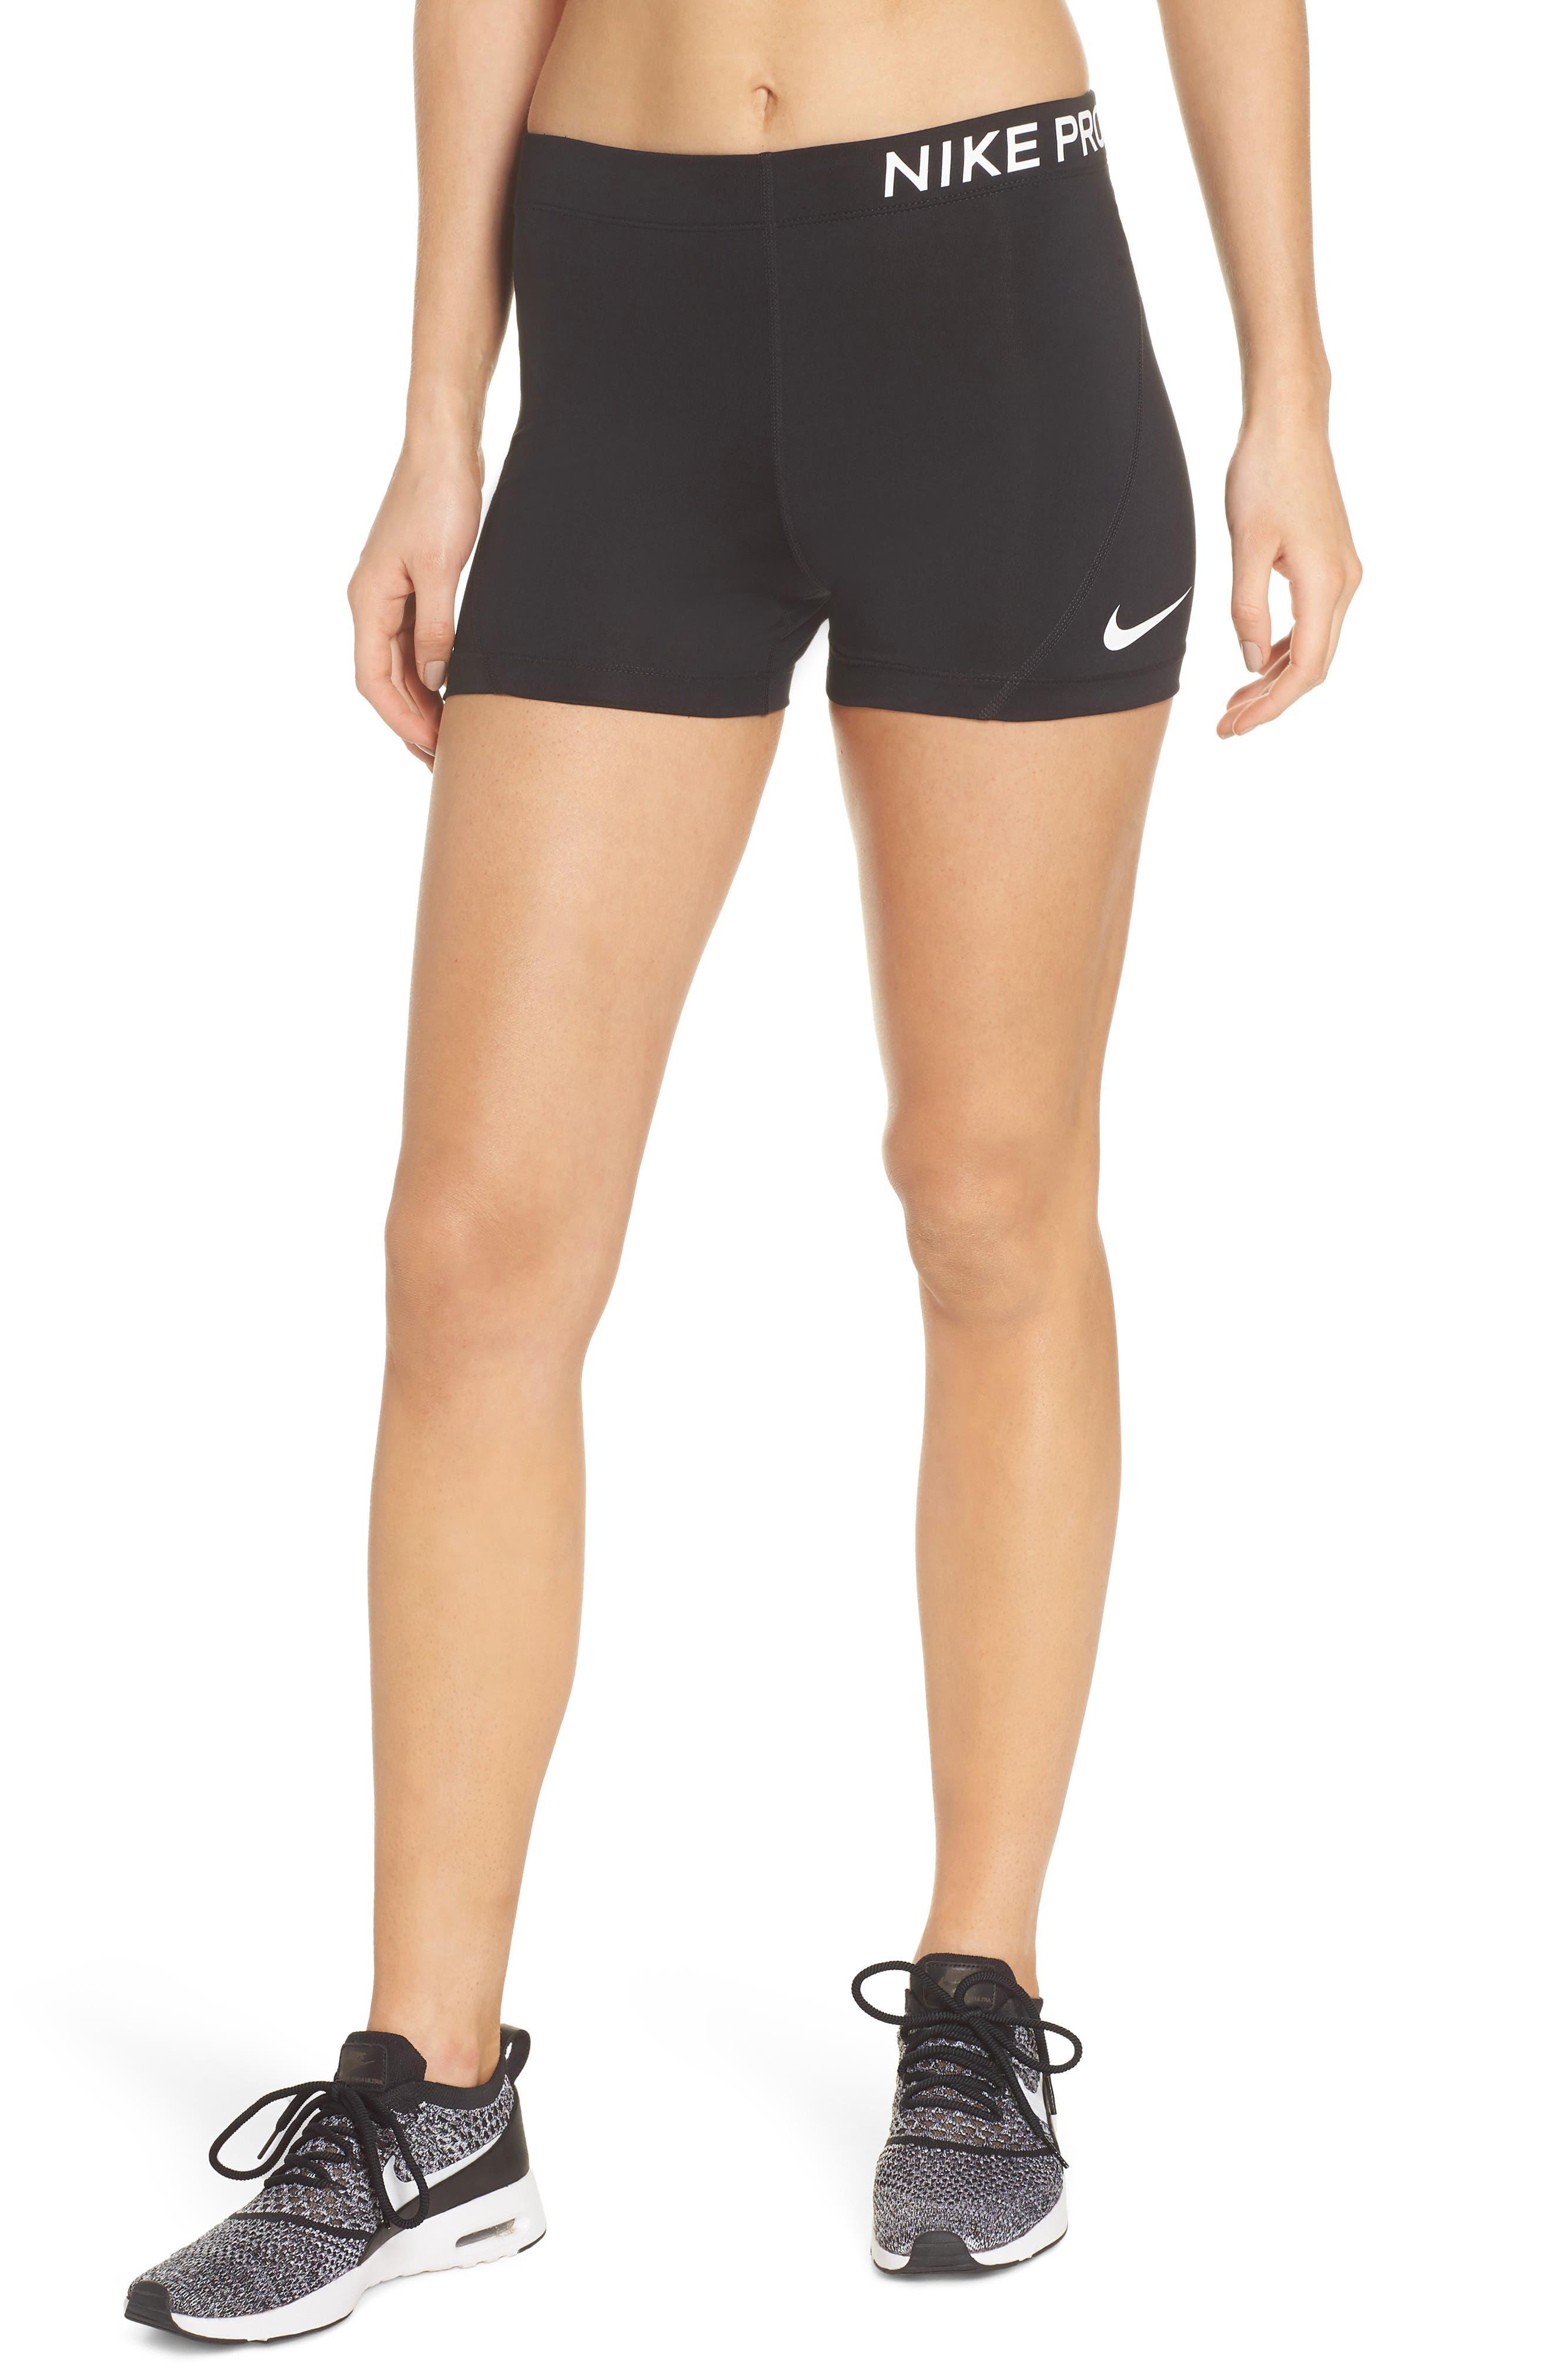 Pro Short Shorts,                         Main,                         color, Black/ White